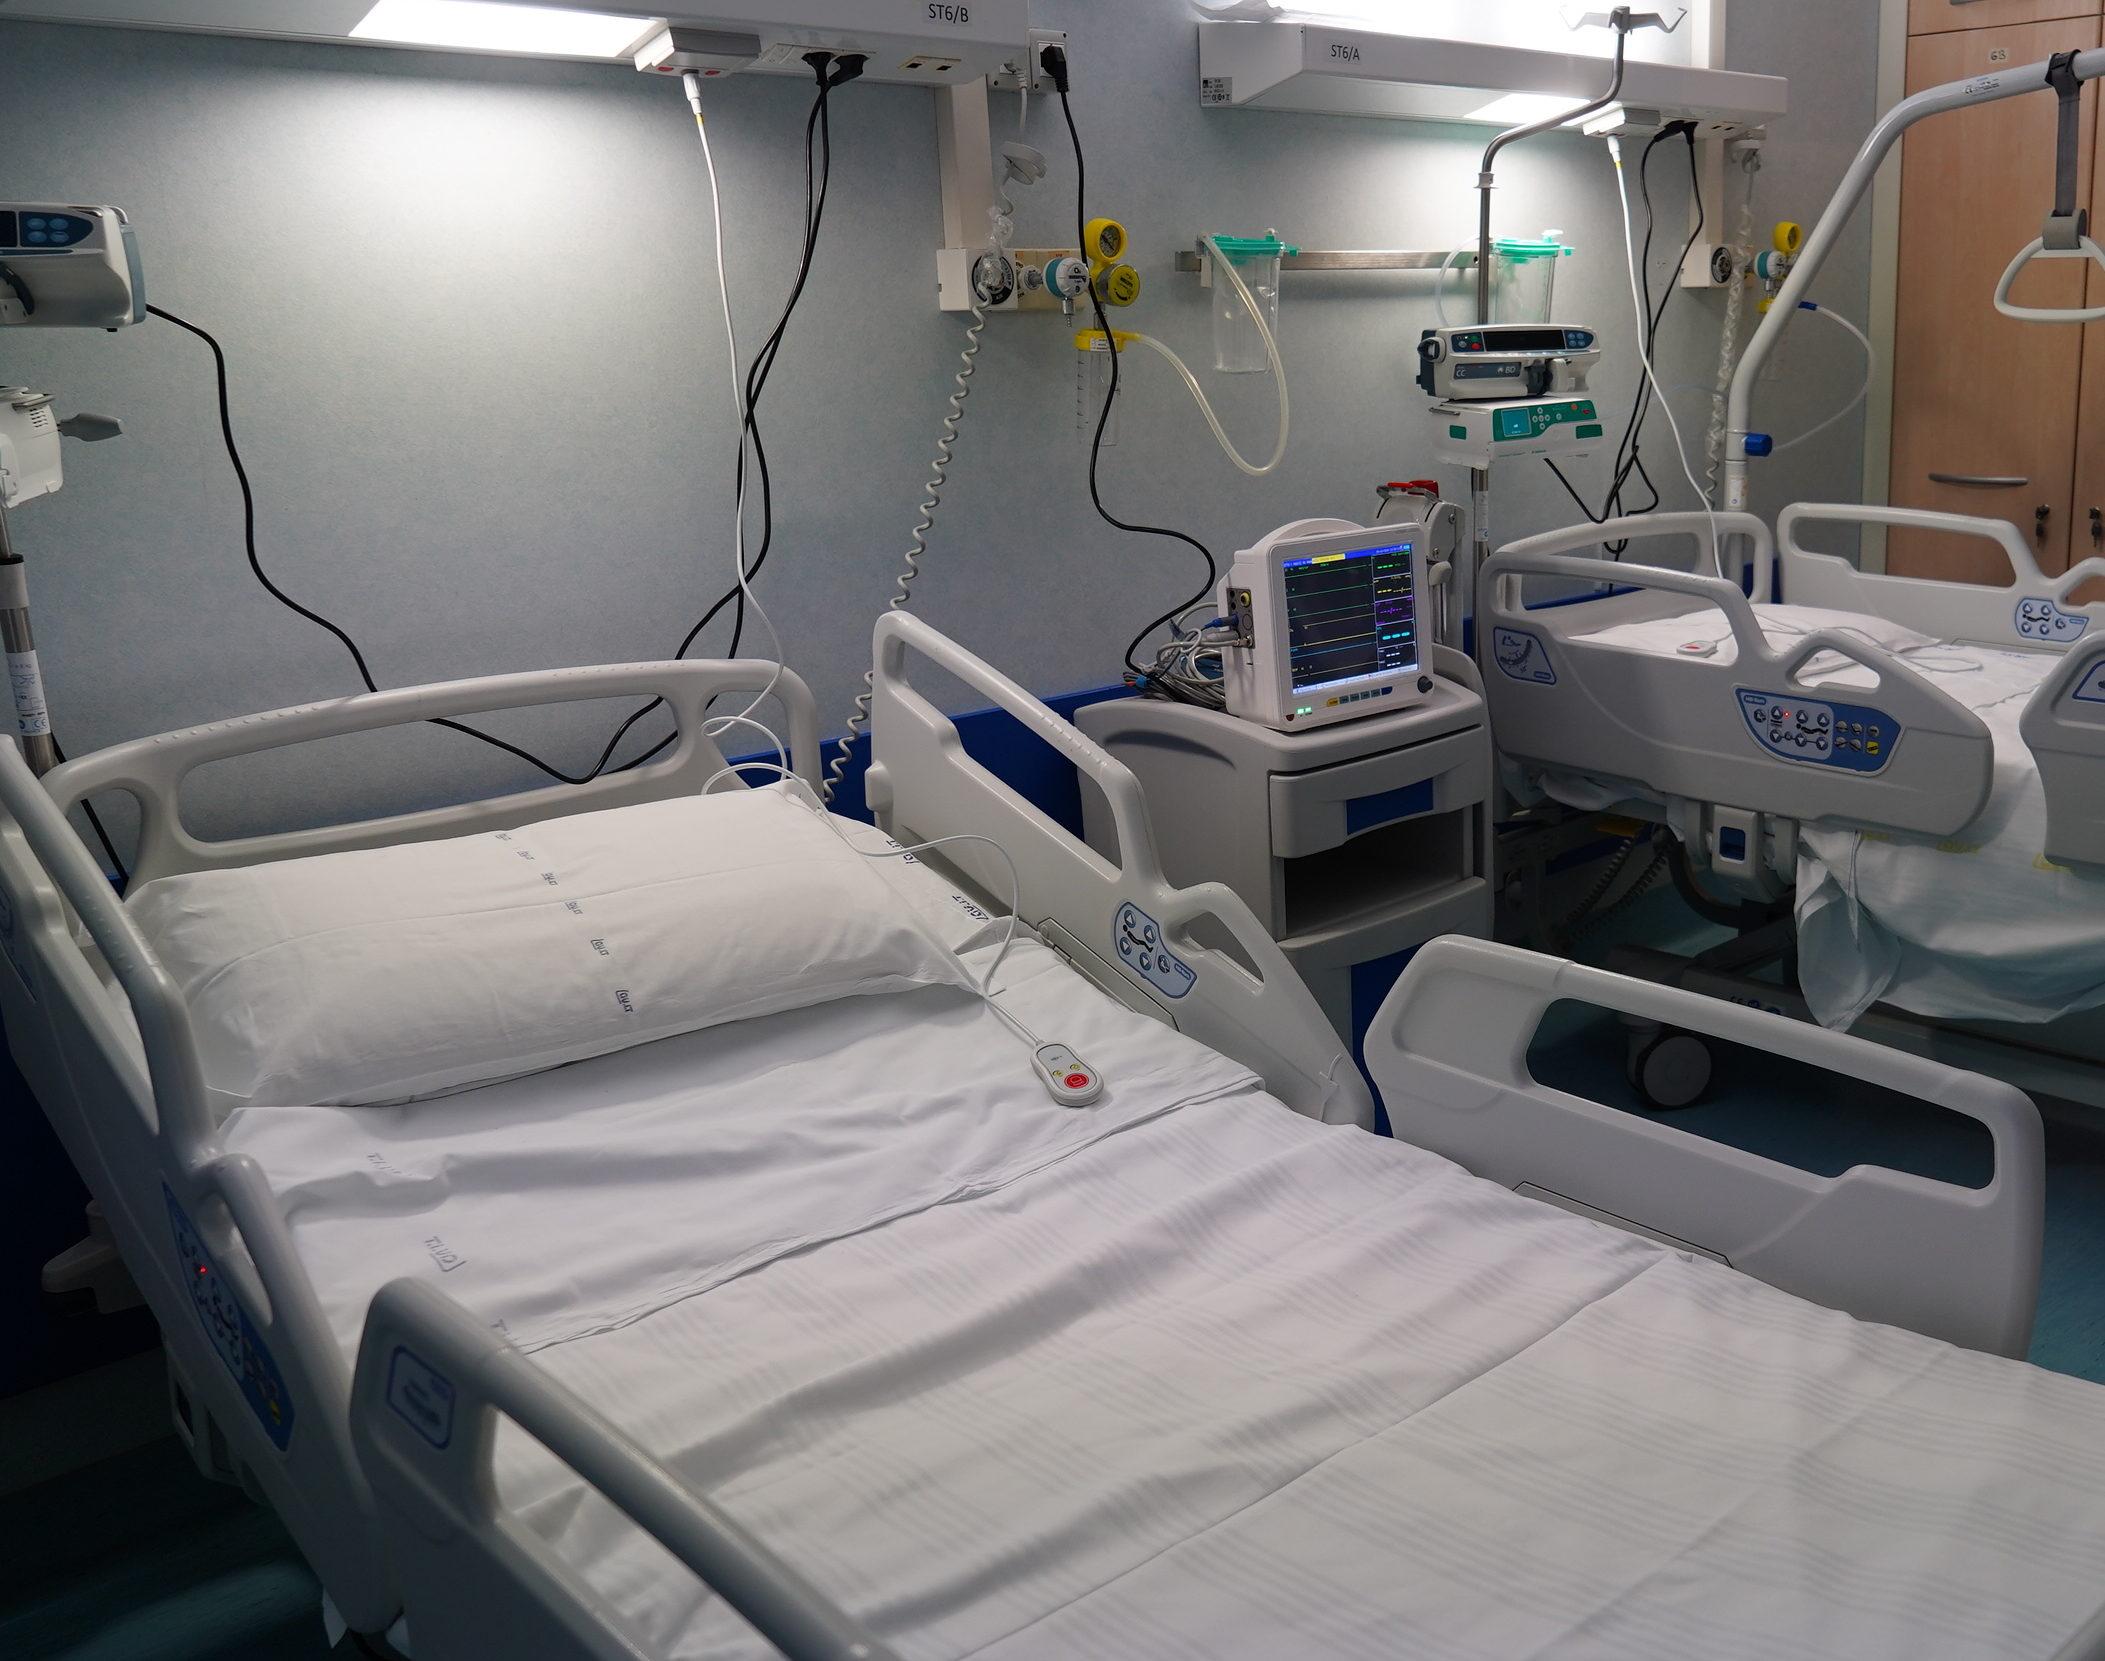 Aperto il reparto Covid dell'Ospedale di Altamura: attivati 20 posti letto, ampliabili sino a 60 | Panorama della Sanità